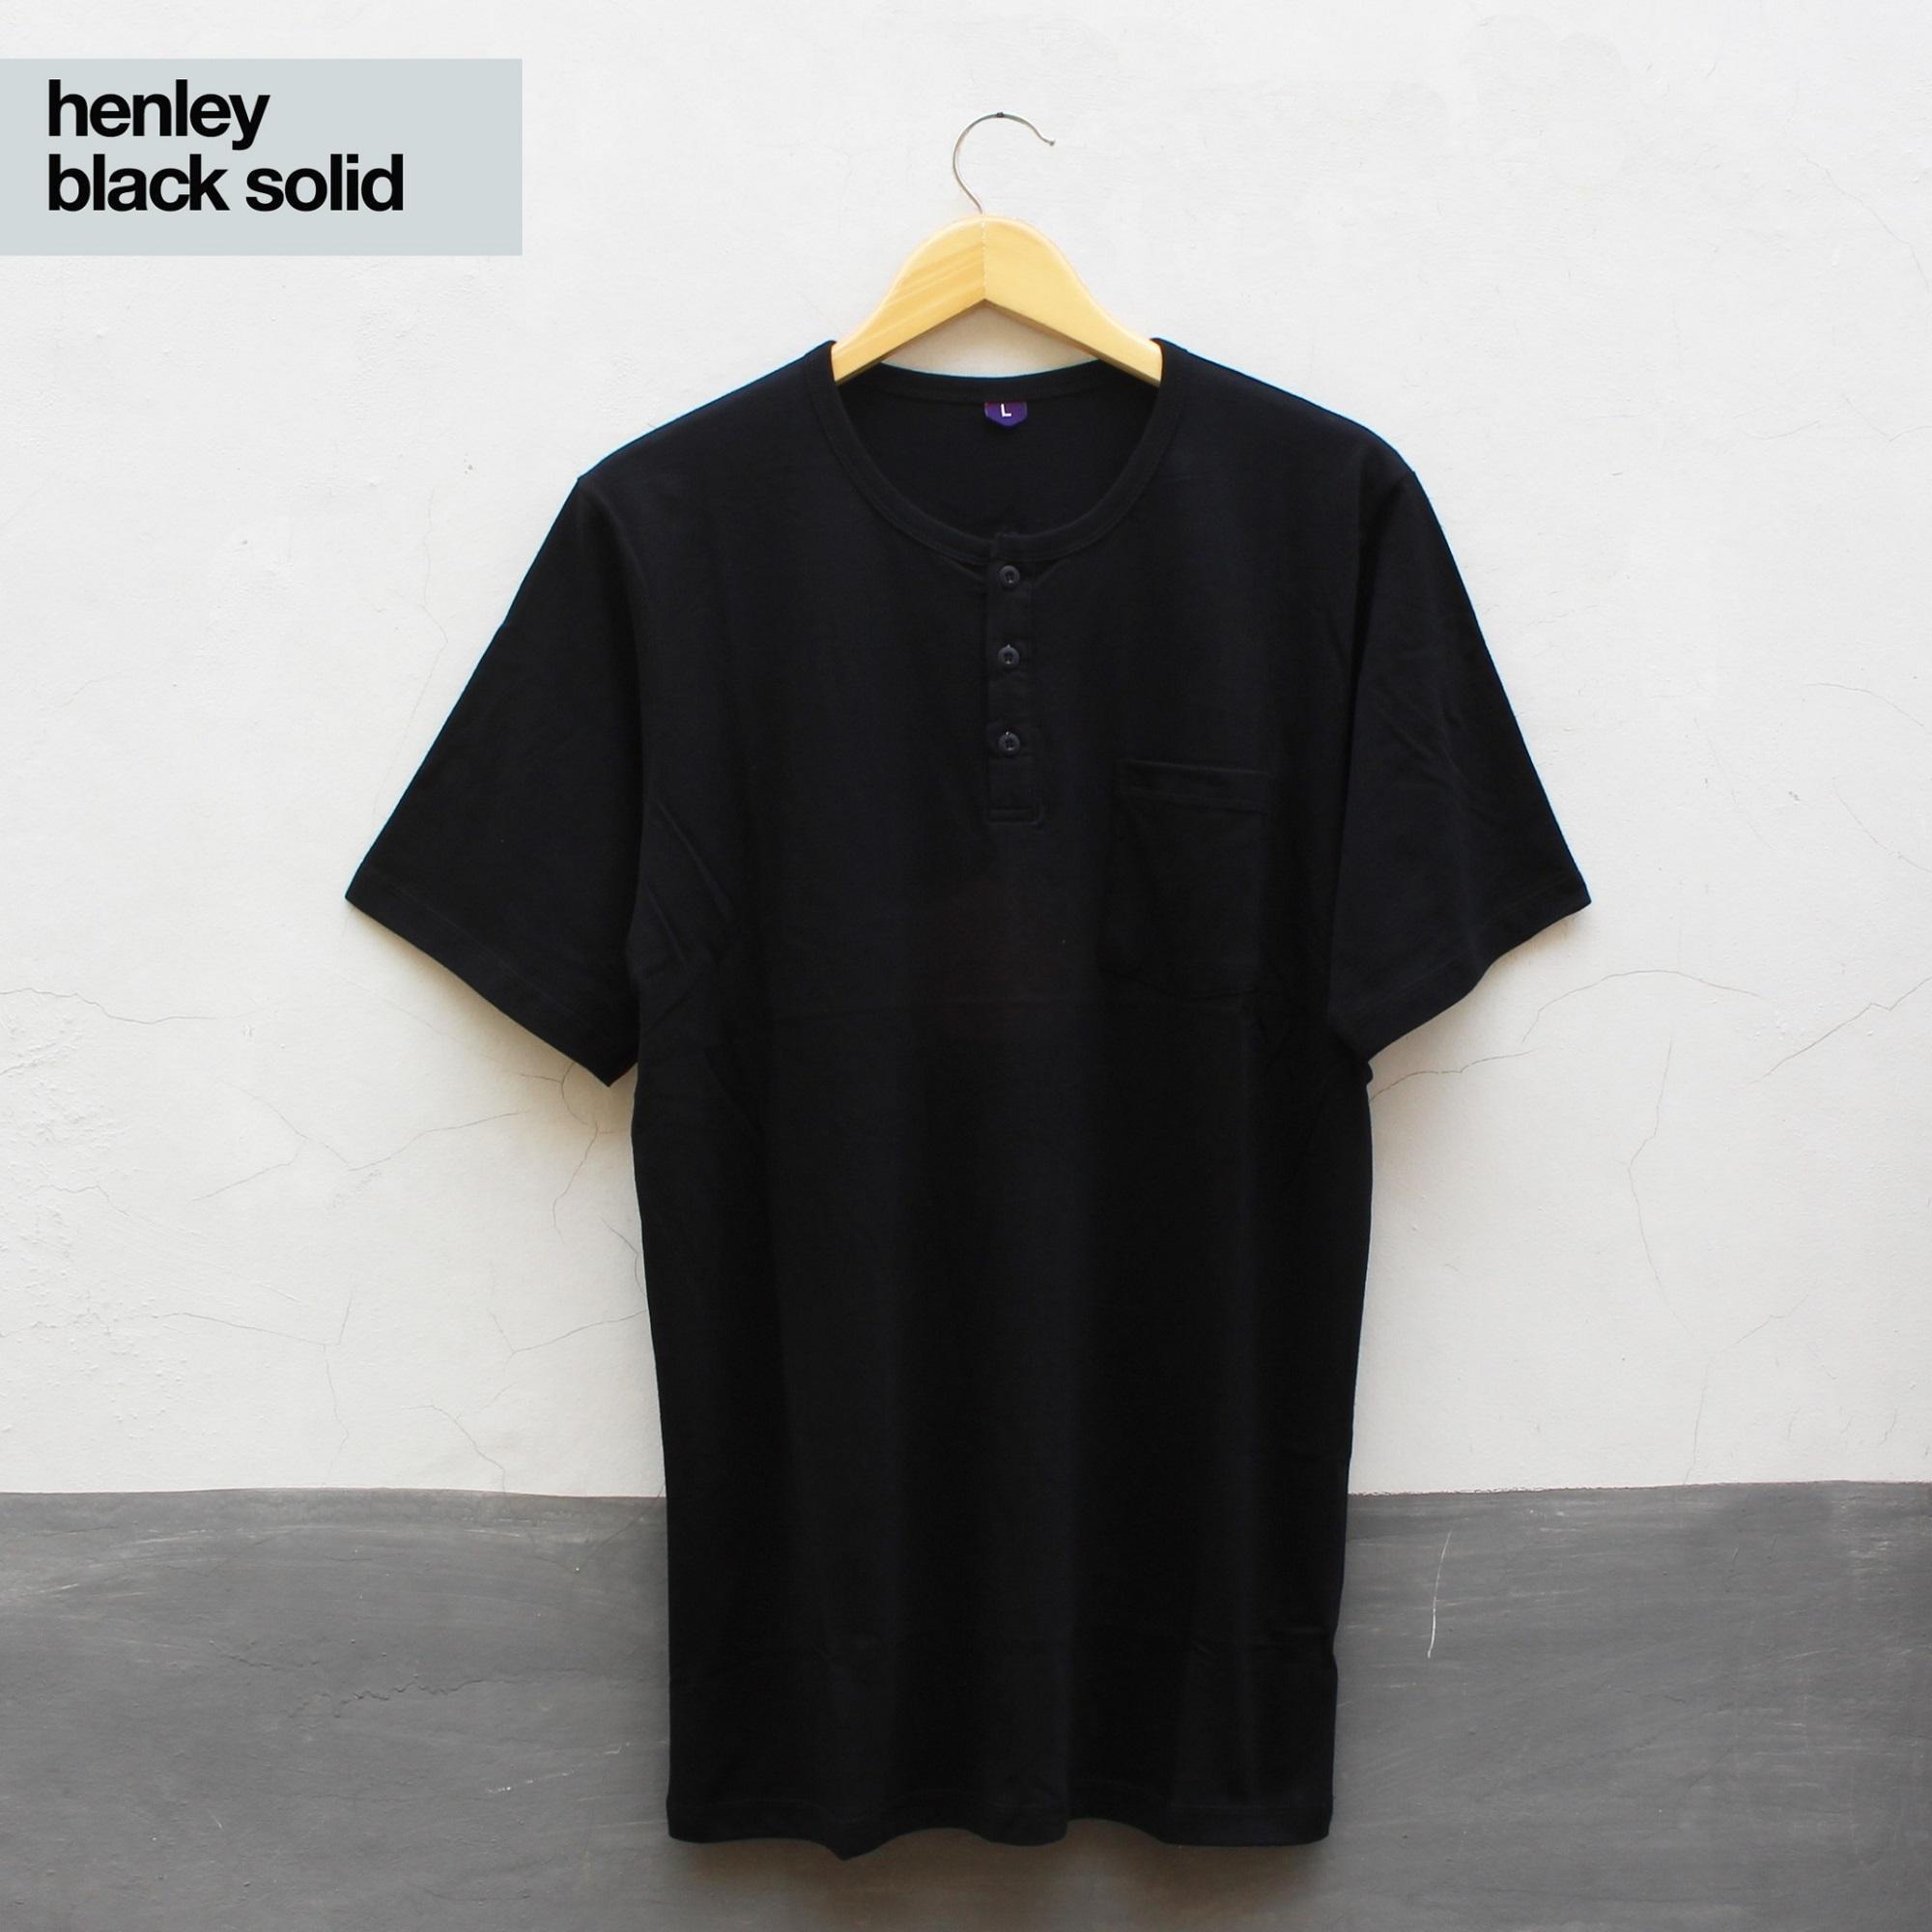 Jual Baju Kaos Polos Fashion Pria Dan Wanita Modern Baju Henley Lengan Pendek Warna Black Solid